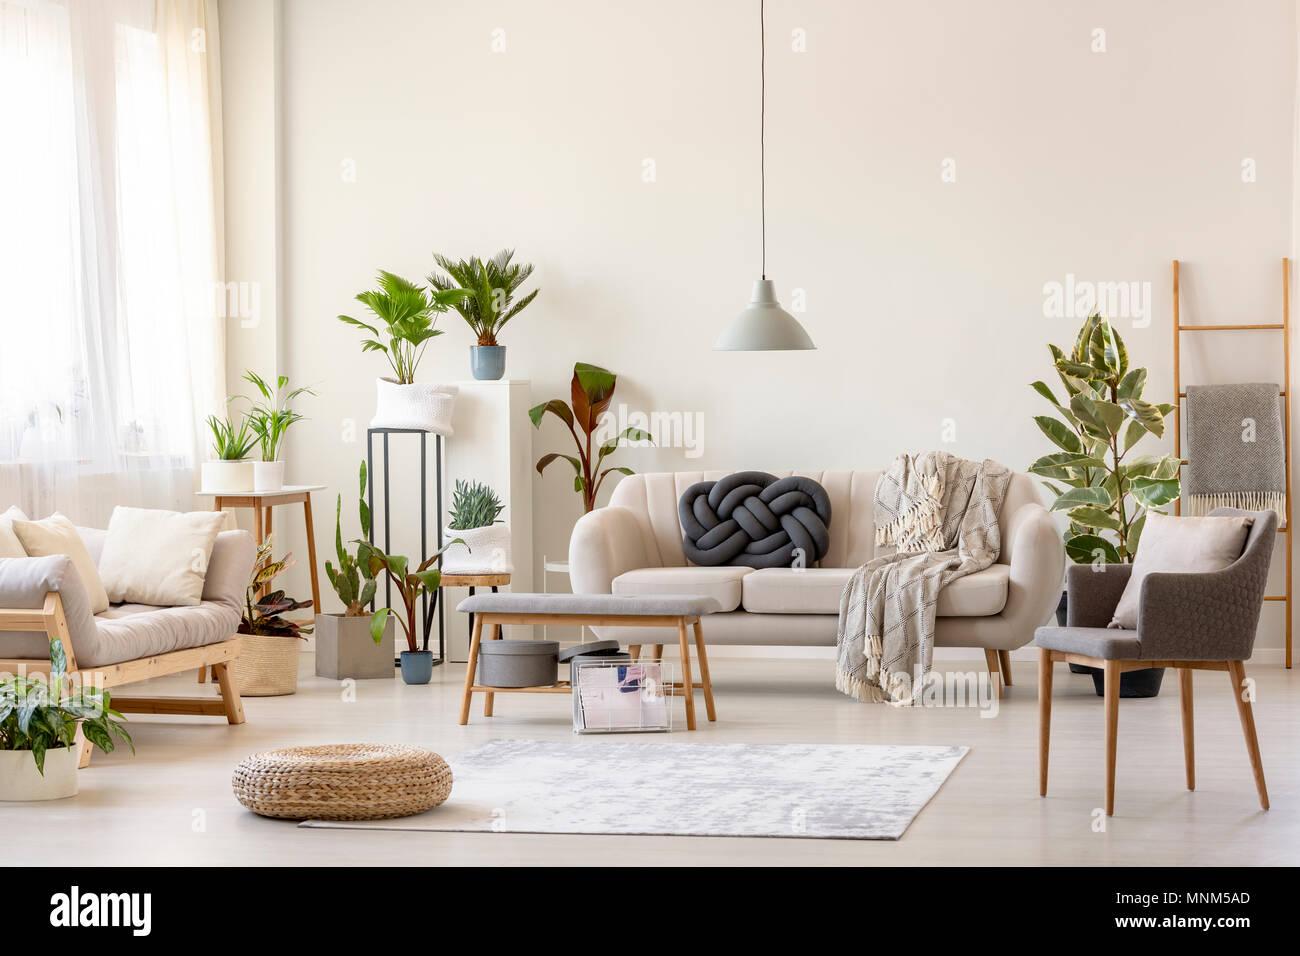 Pouf Auf Teppich Und Pflanzen Im Geraumigen Wohnzimmer Einrichtung